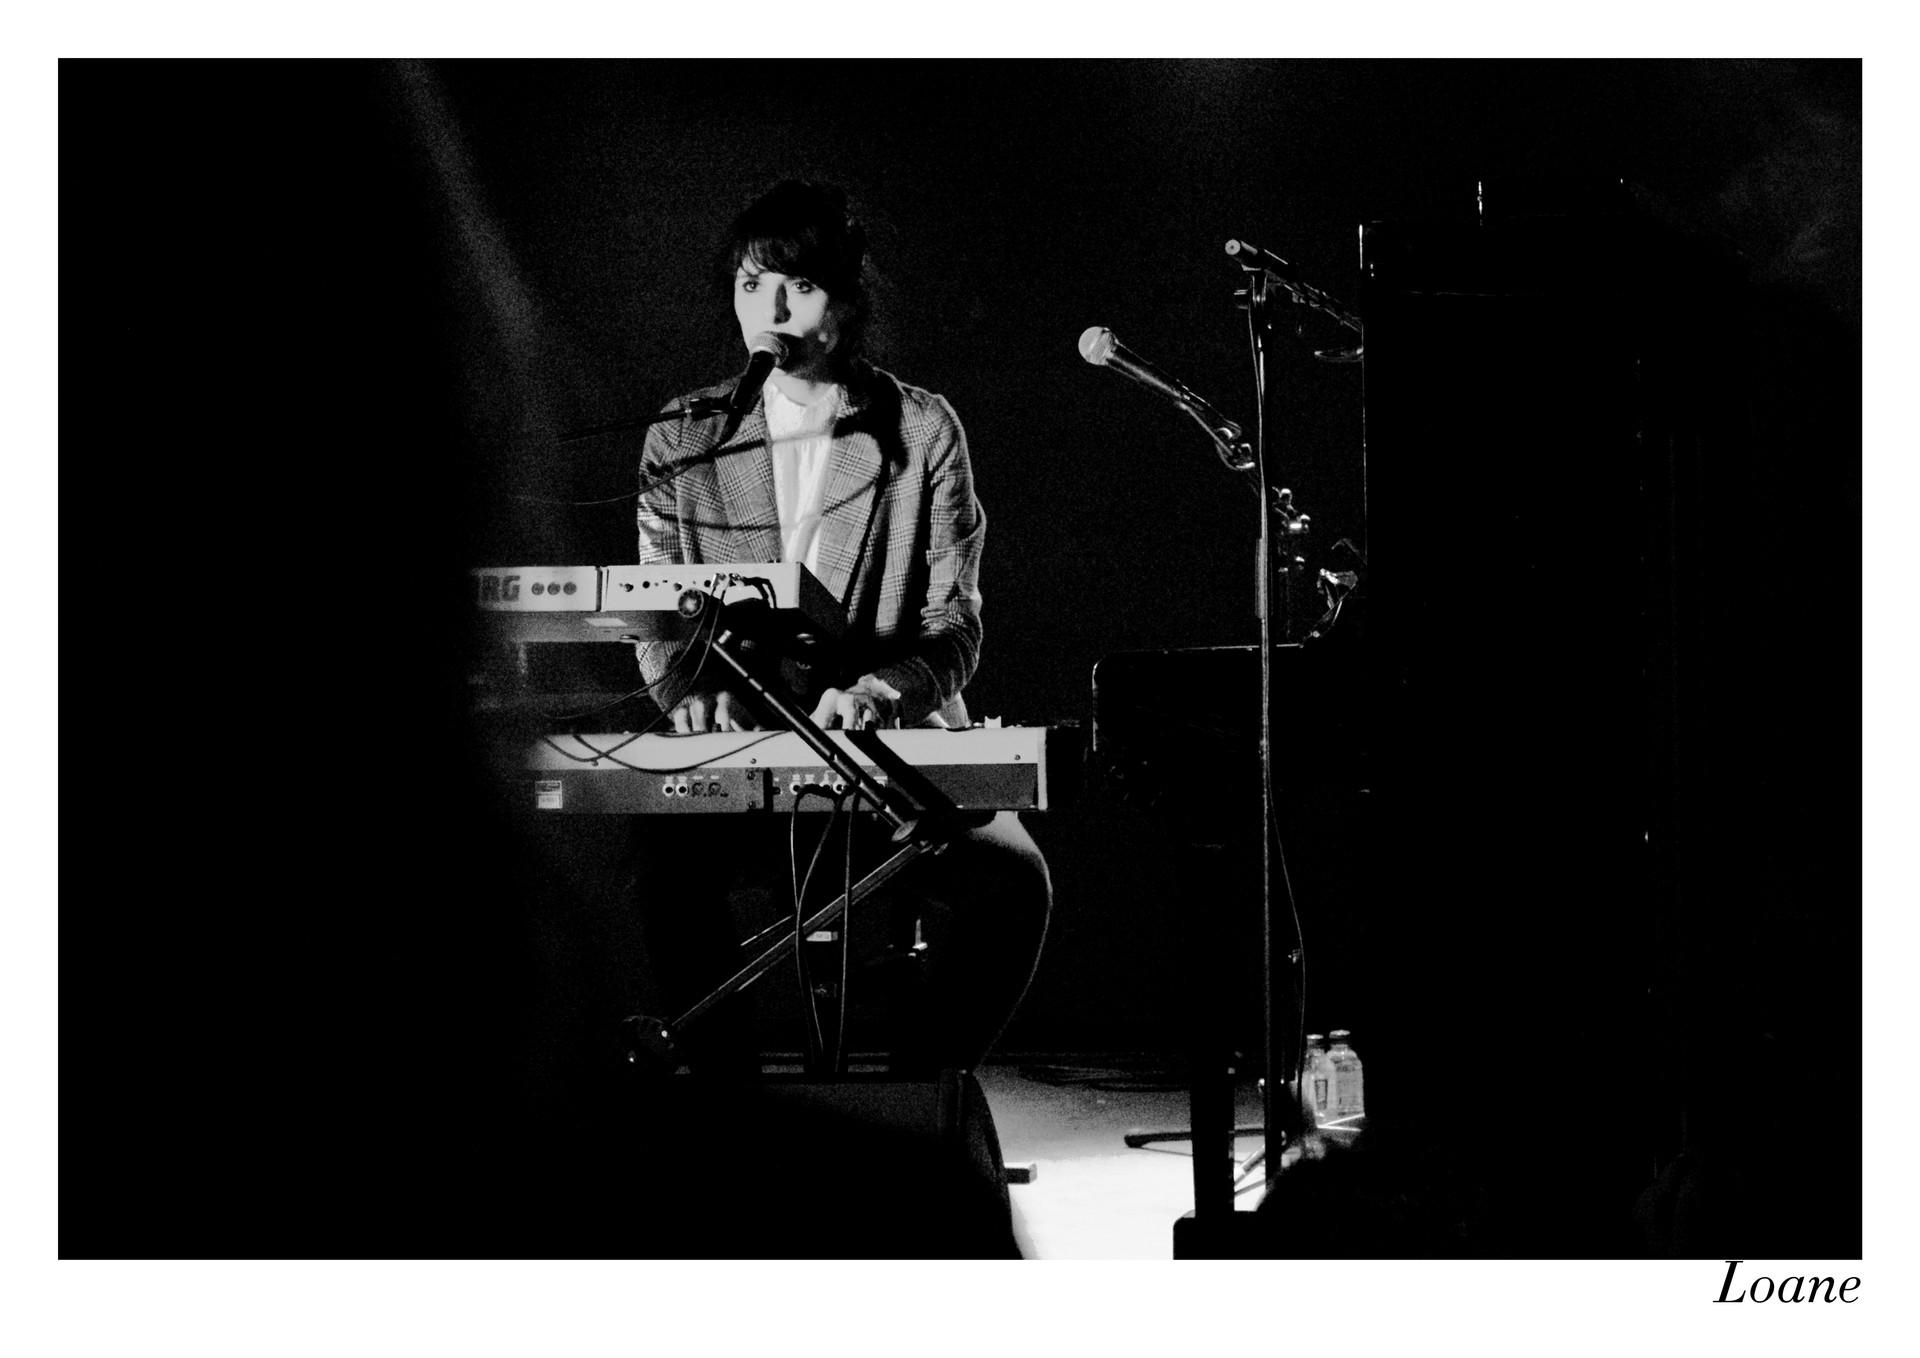 Faces - Des concerts pop29.jpg